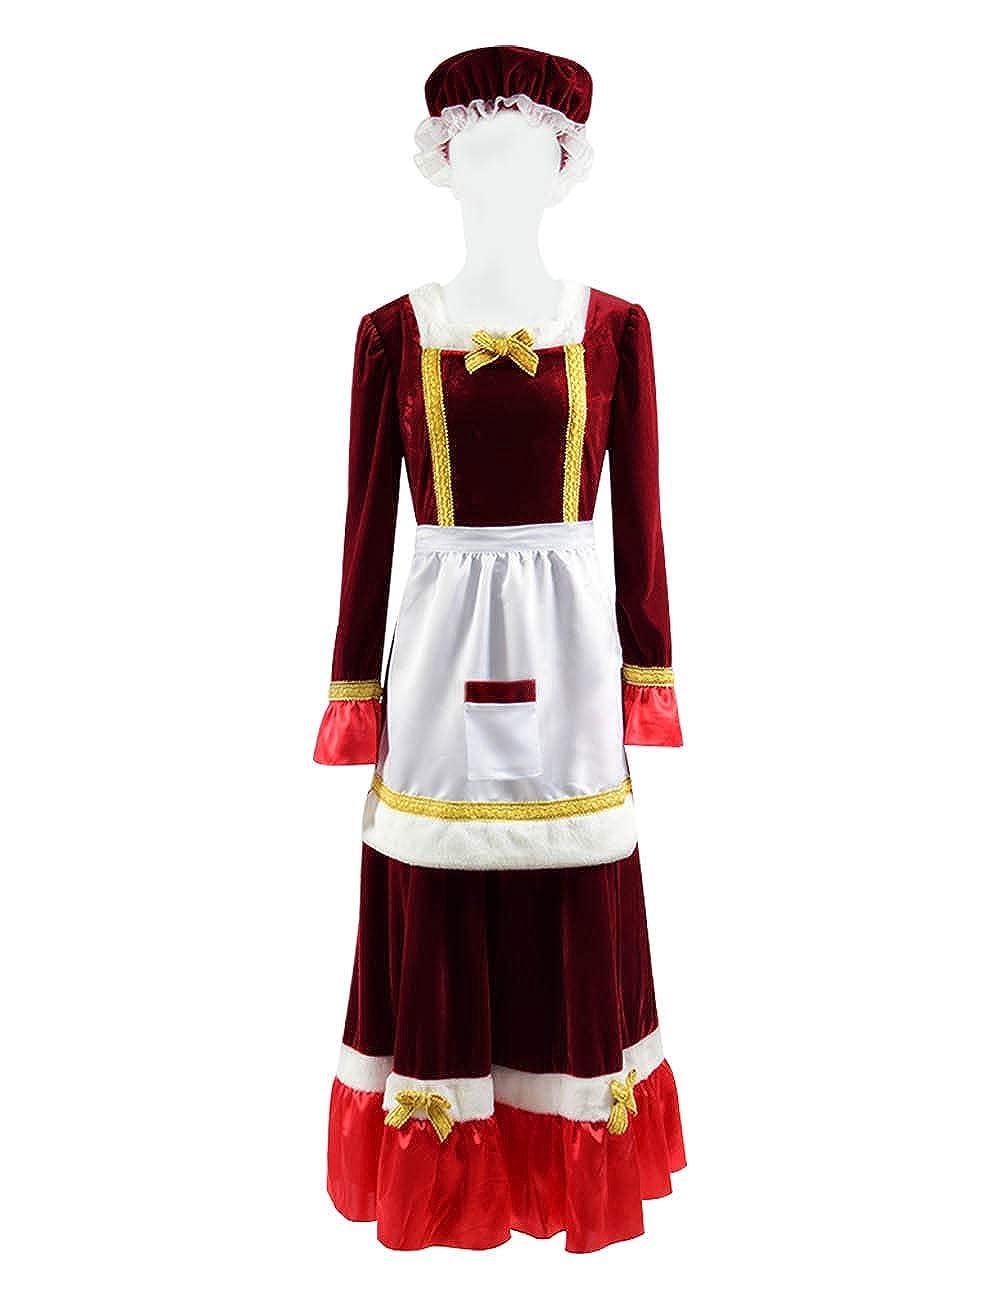 Yewei Damen Weihnachten Christmas Santa Claus Rot Kostüm Cosplay Dress Kleid Kostüm Set